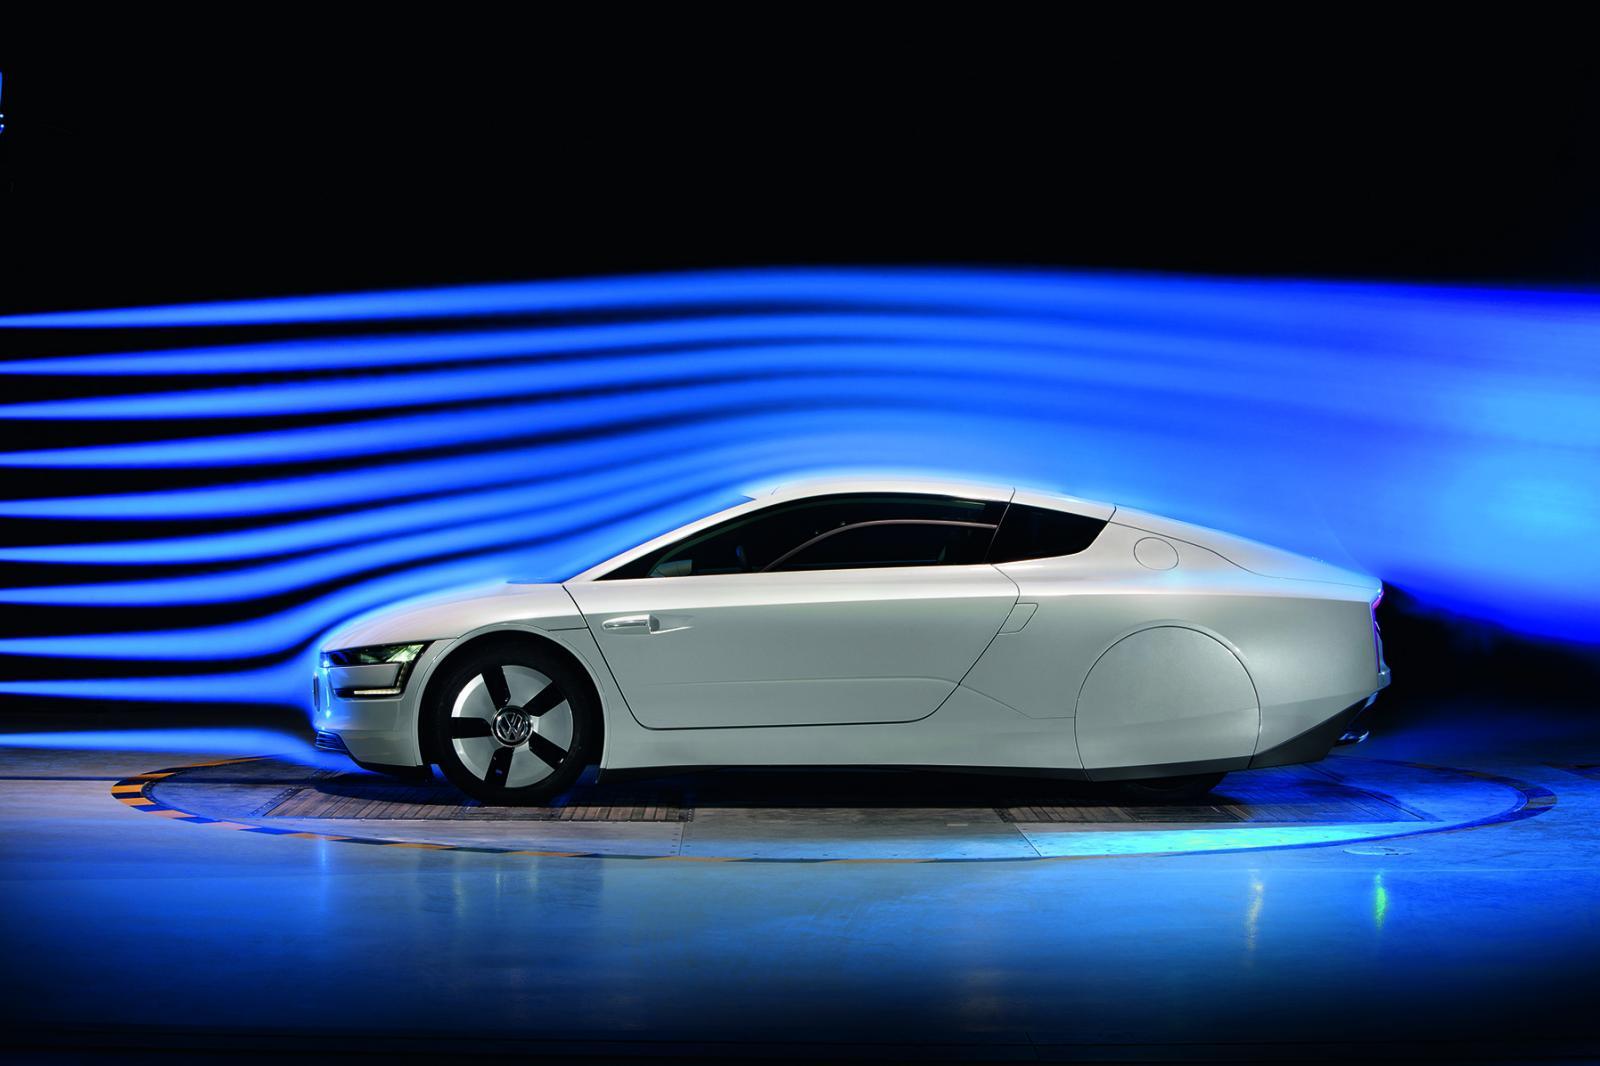 aerodinamica y coches 1